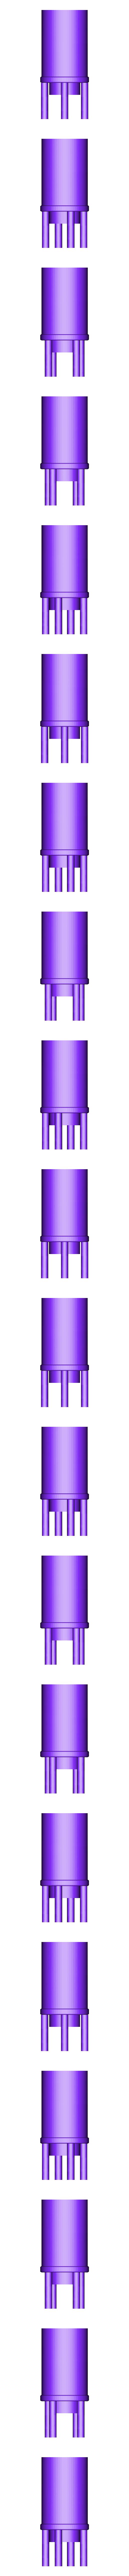 Thumper_body_5.stl Télécharger fichier STL gratuit Dune Thumper - au travail • Design à imprimer en 3D, poblocki1982